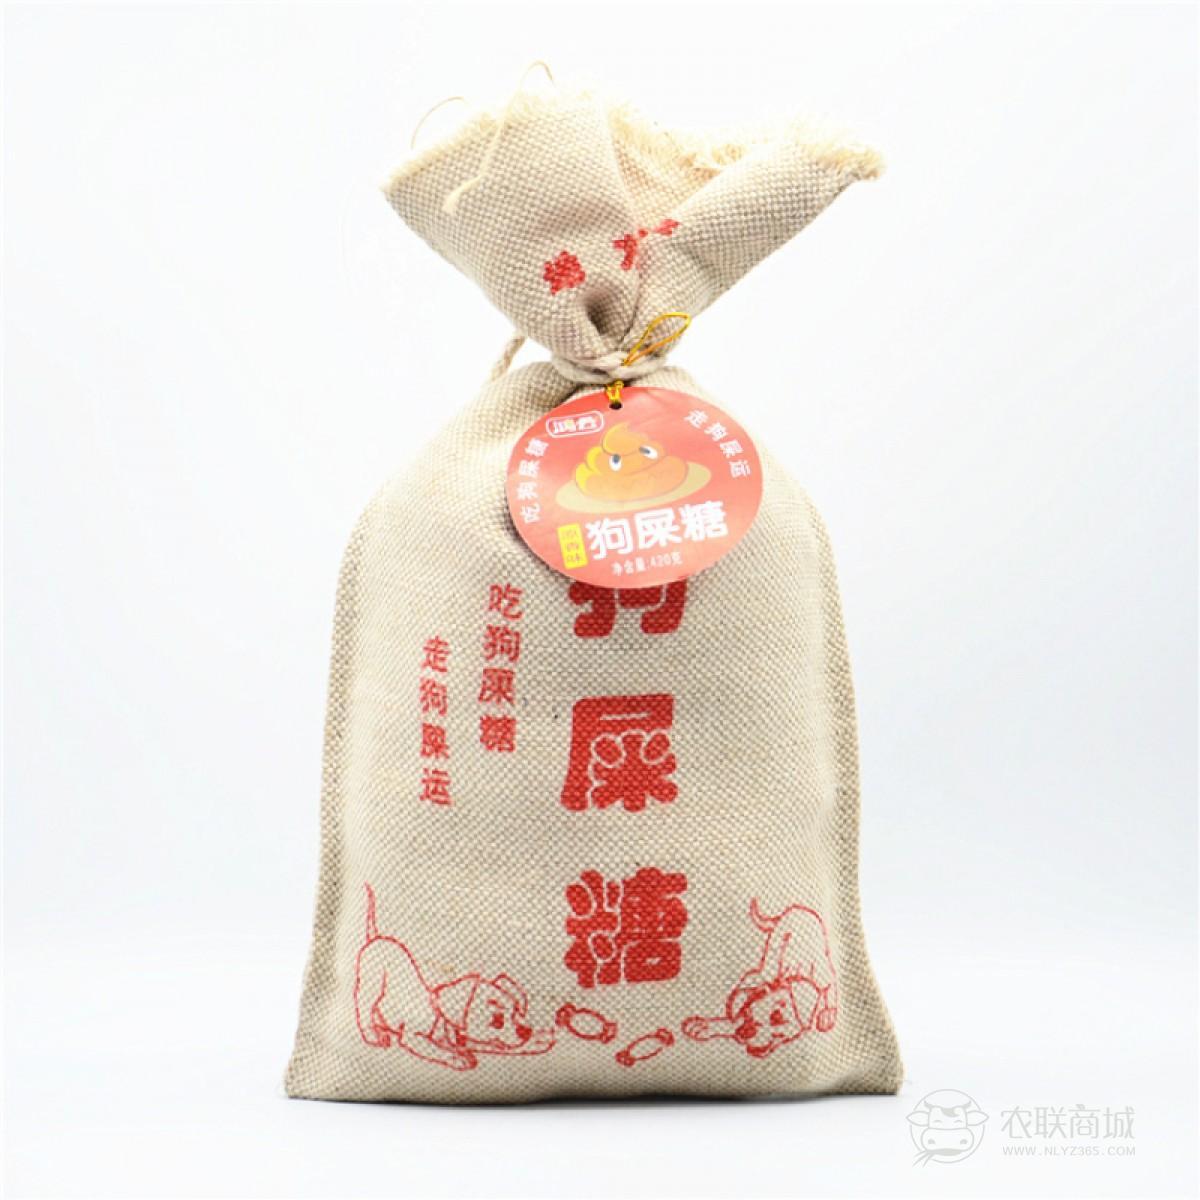 鸿云狗屎糖420g四川特产布袋独立装狗吃屎糖原香味麻辣味特色礼品